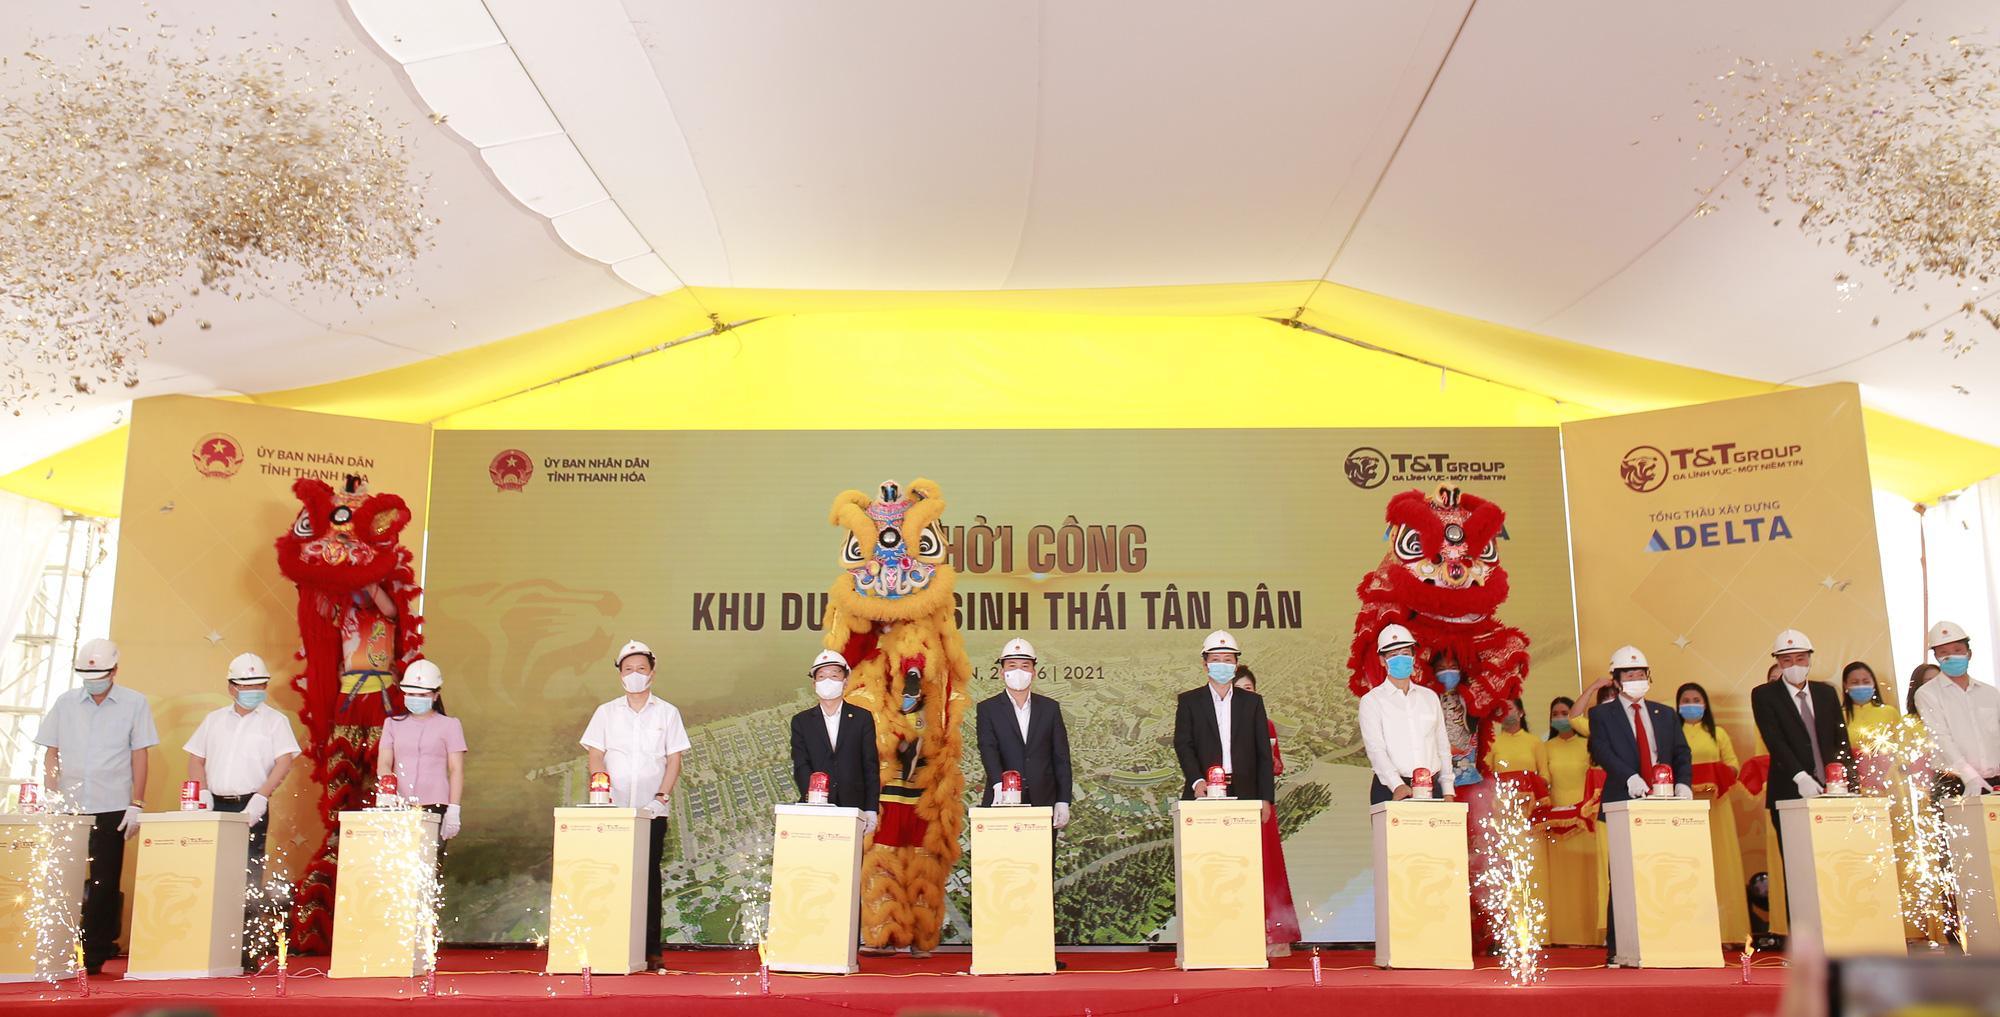 T&T Group khởi công xây dựng khu du lịch sinh thái biển tại Nghi Sơn - Thanh Hóa - Ảnh 1.